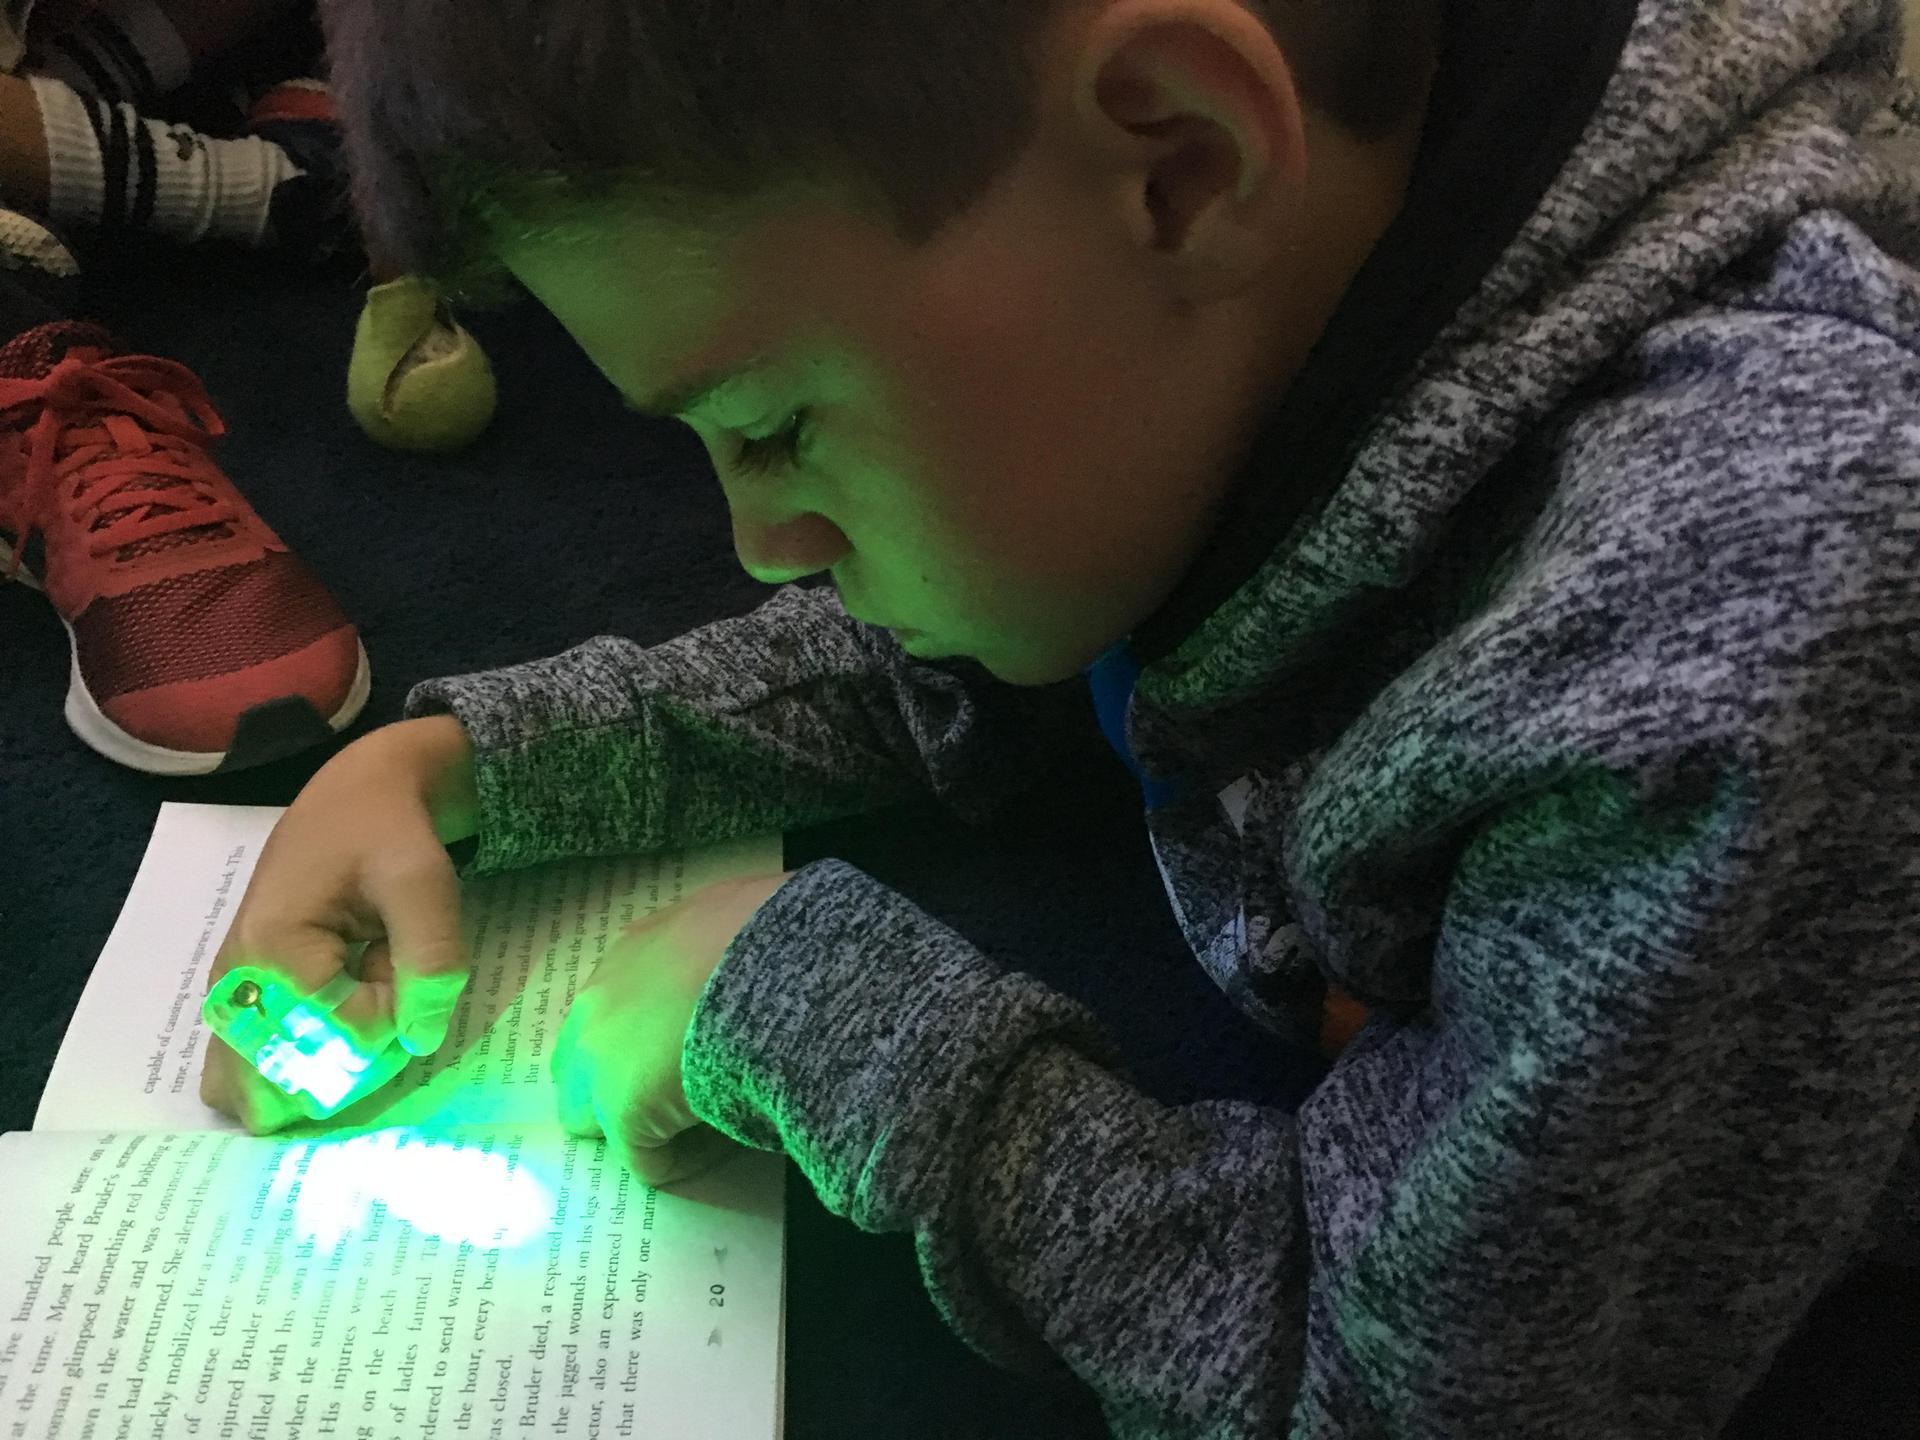 Flashlight Friday Readers